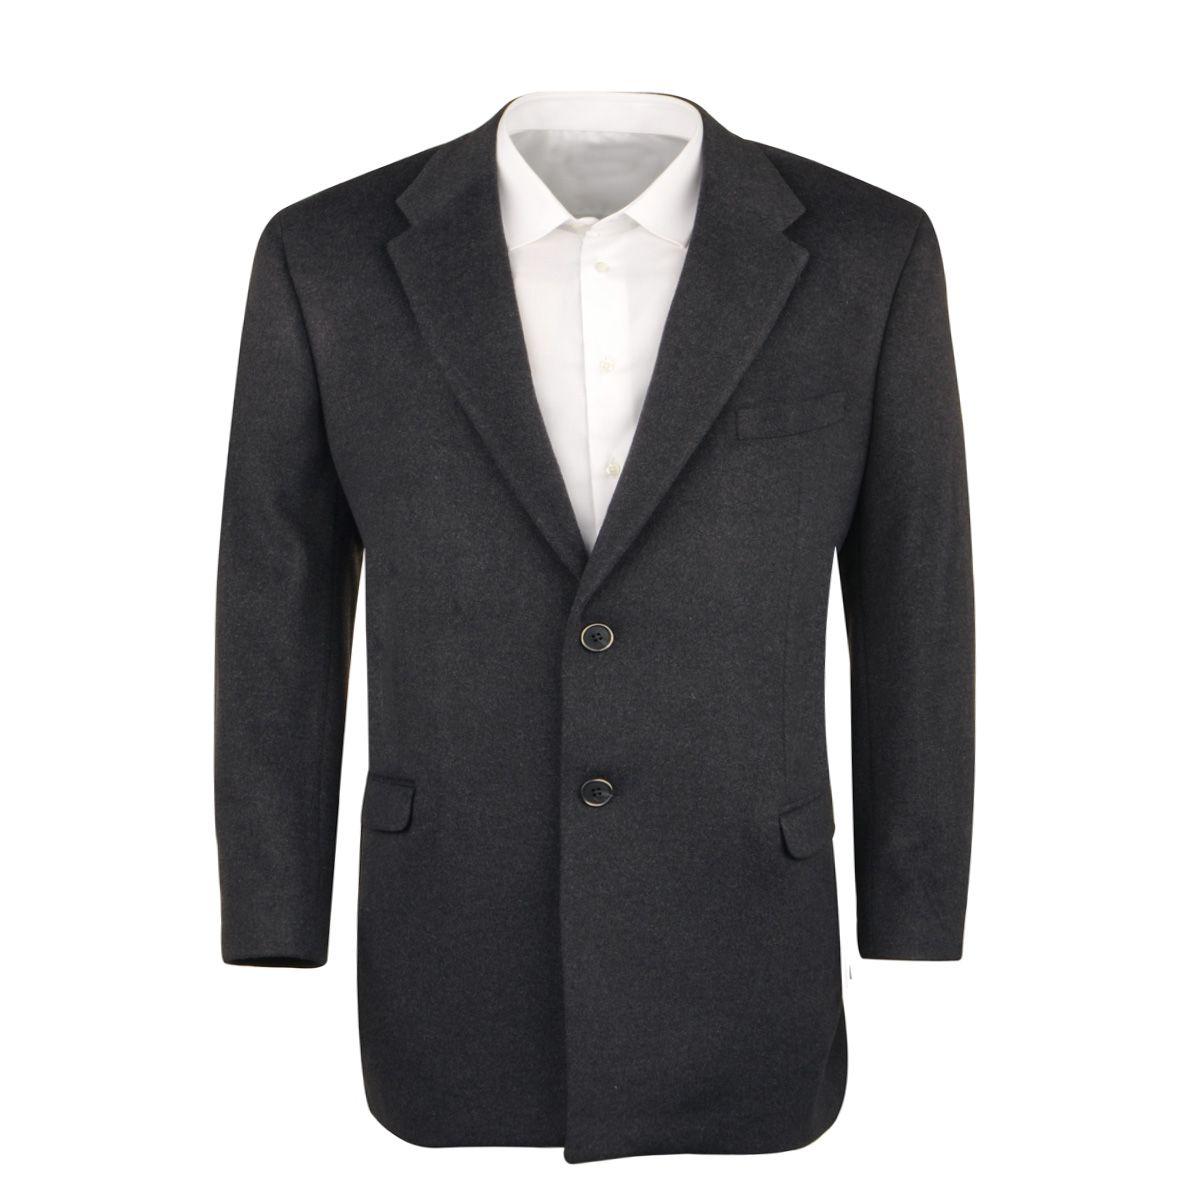 Manteau Maneven grande taille drap de laine anthracite